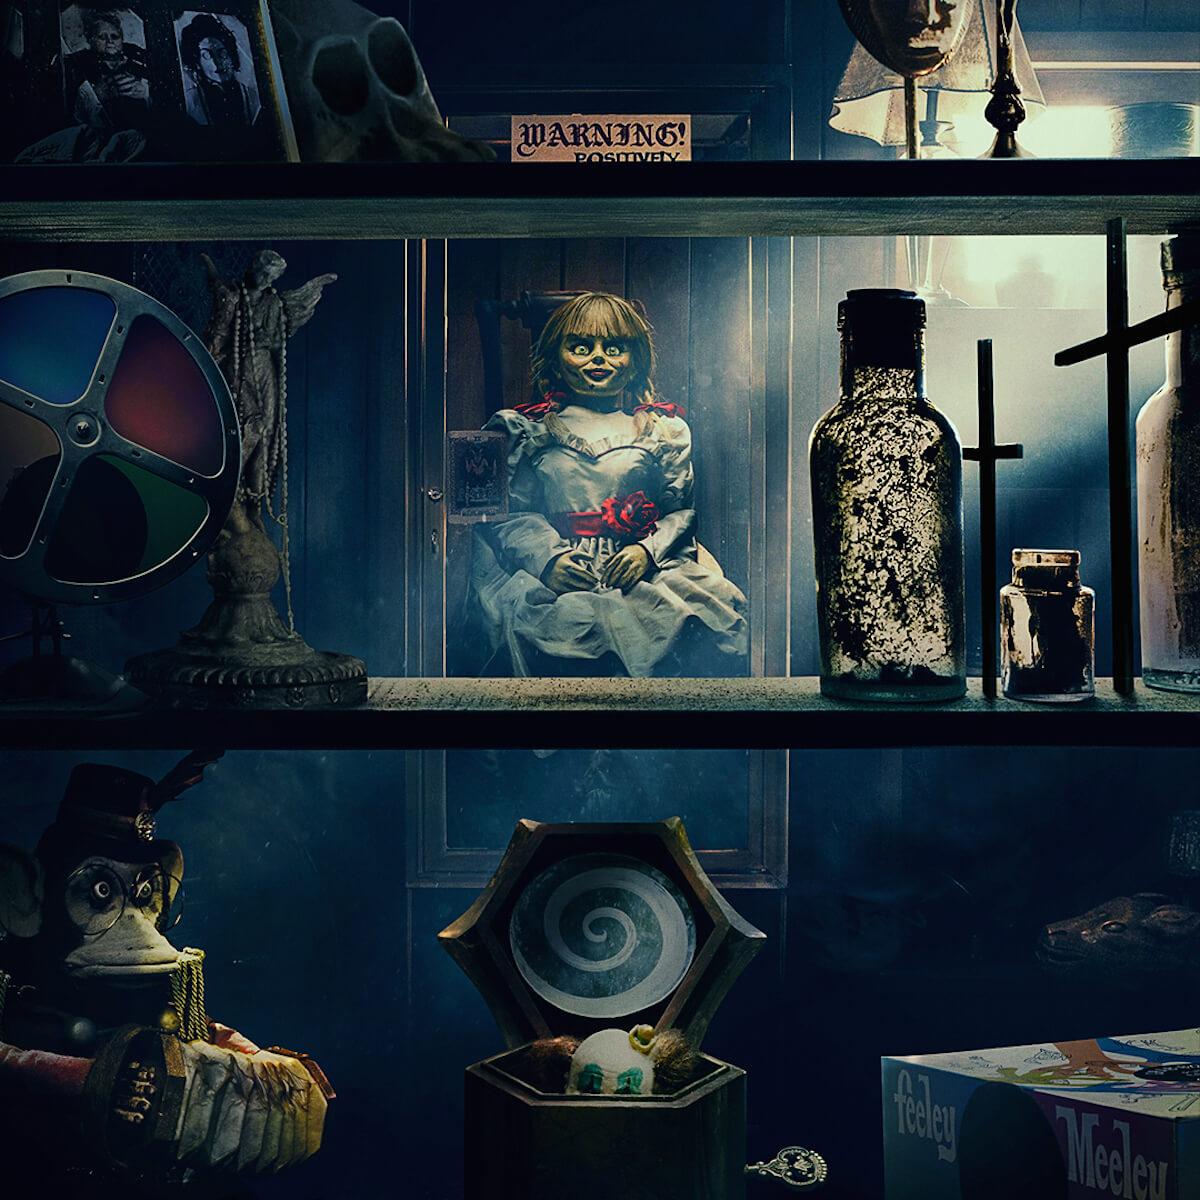 実在の恐怖人形を描く『死霊館』シリーズ最新作『アナベル 死霊博物館』9月20日公開|第2弾予告映像解禁 film190529annabelle_main